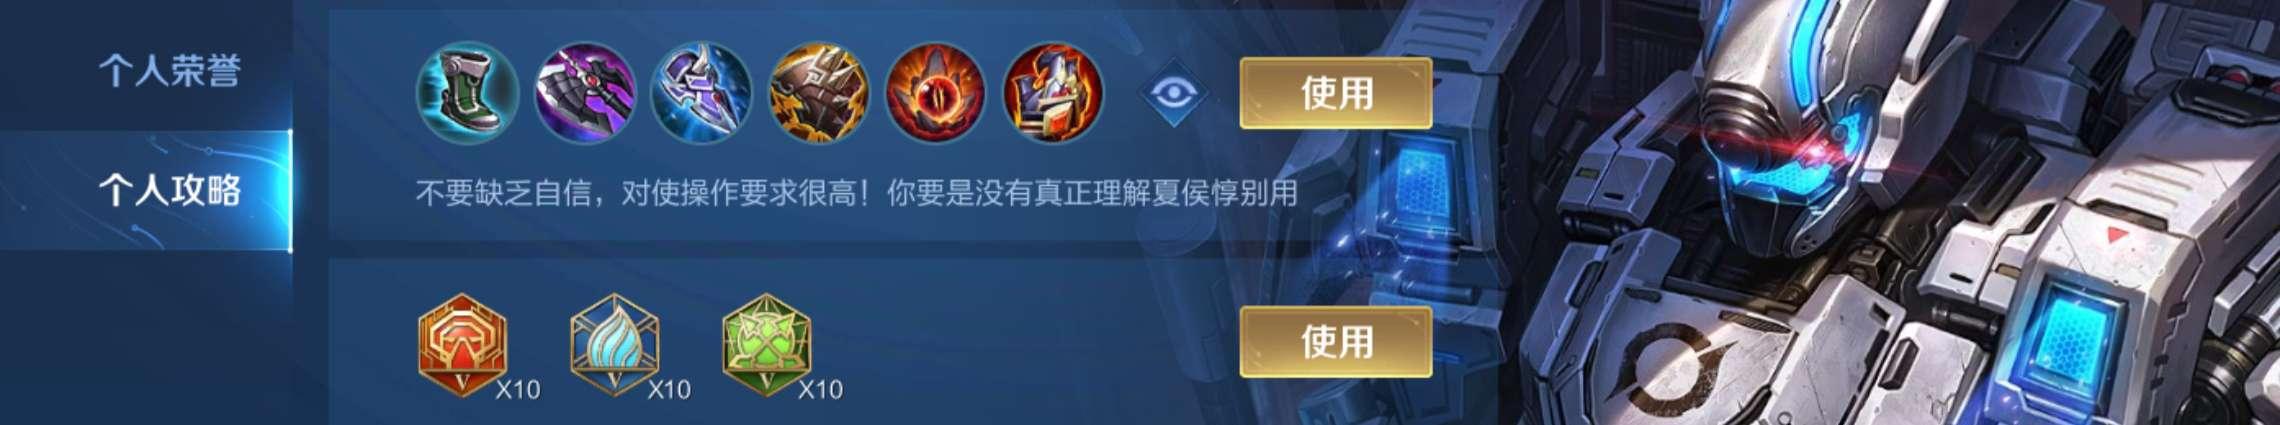 """【游戏攻略】边路之怪""""夏侯惇爆赞!机制优秀,半肉半输出成为主流"""